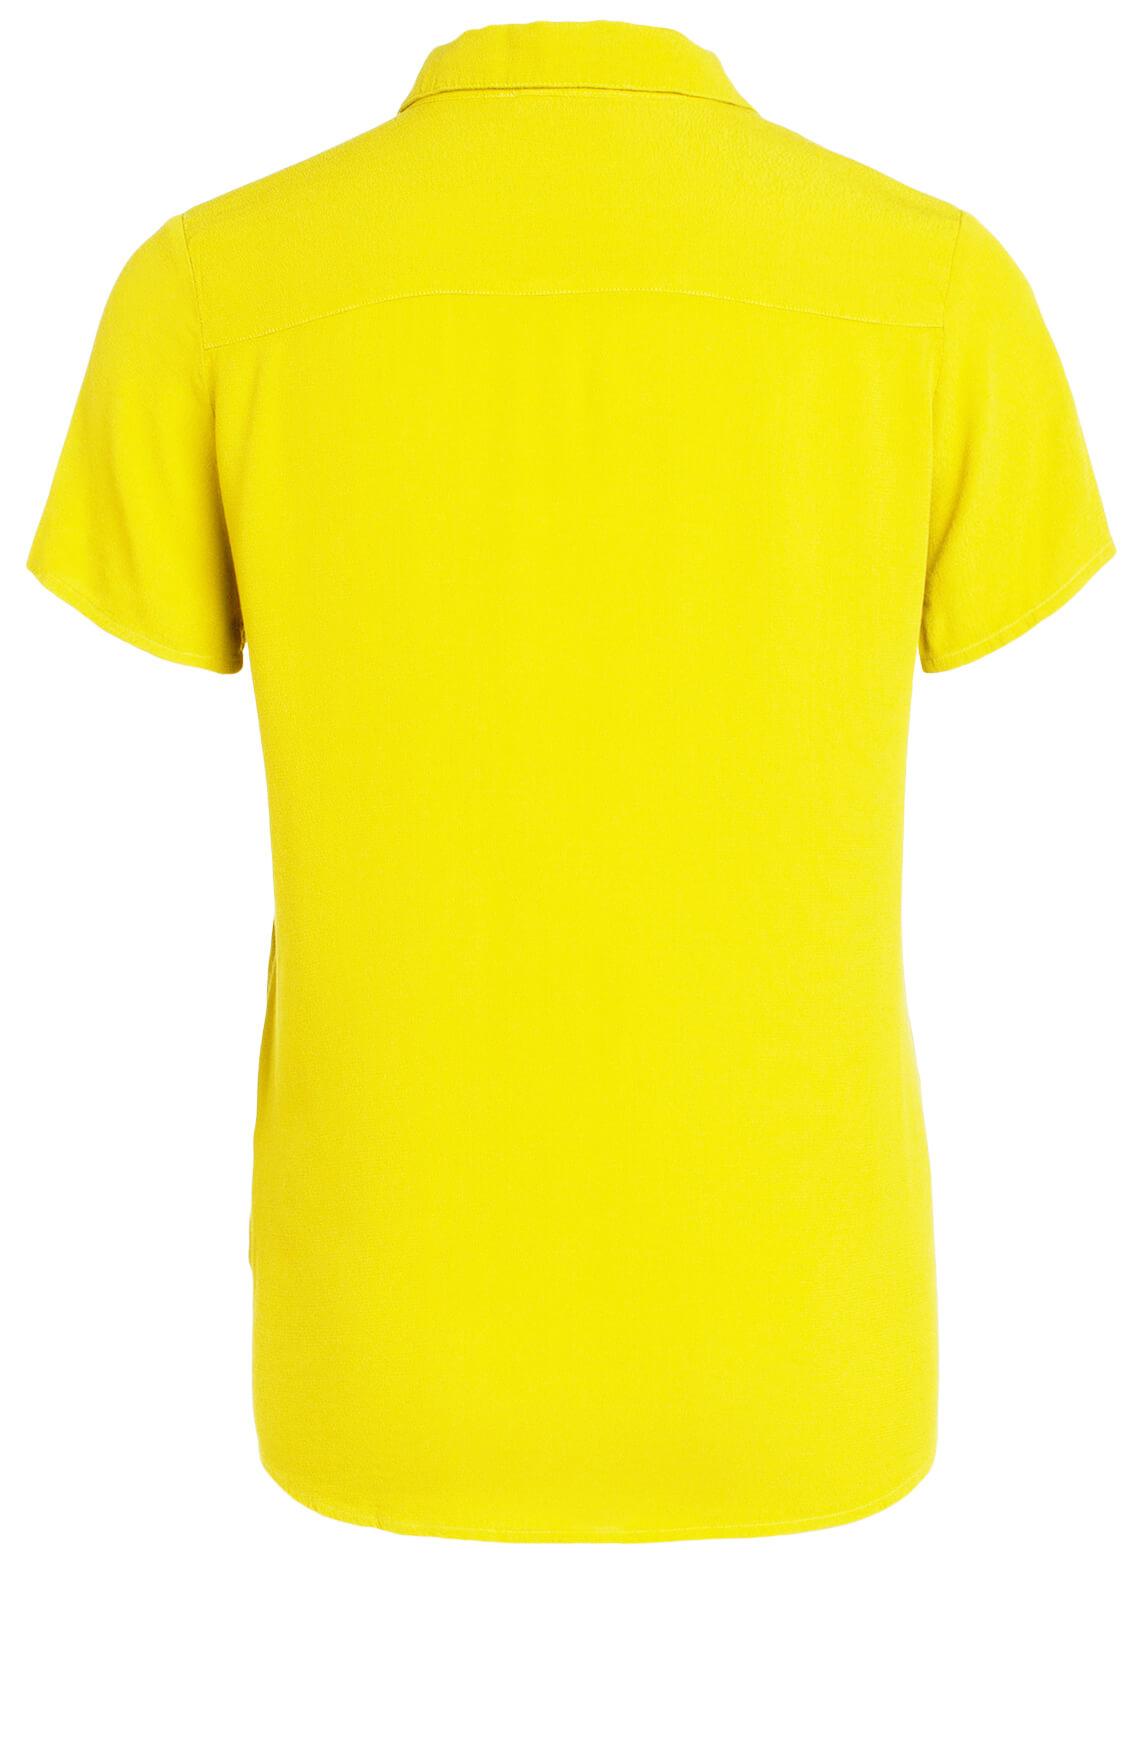 Anna Dames Blouse met korte mouw geel